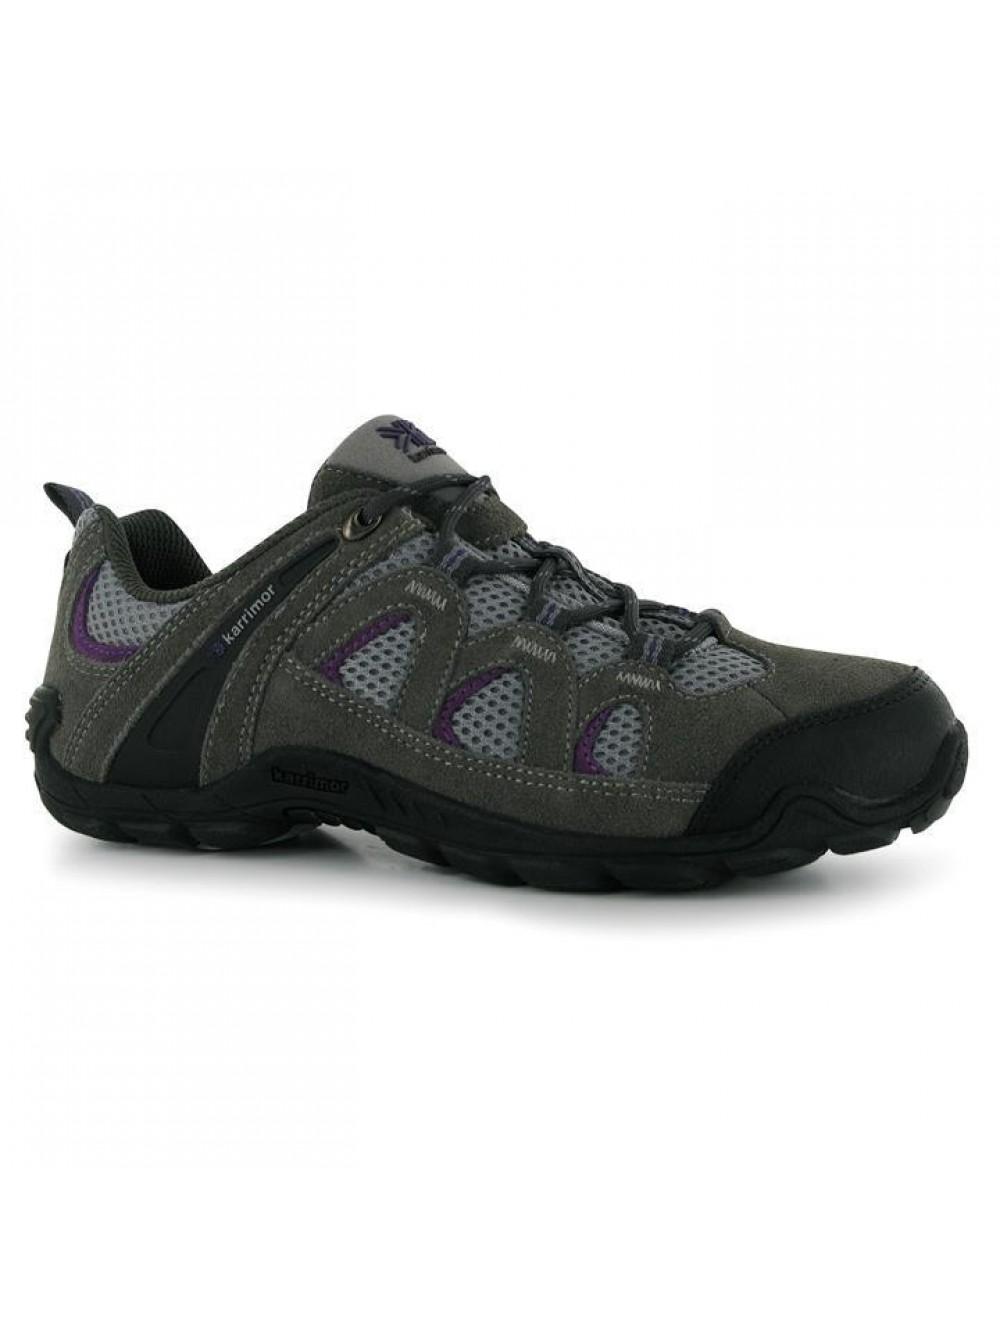 Karrimor Border - Жіночі трекінгові кросівки 89ae4f2b3517f